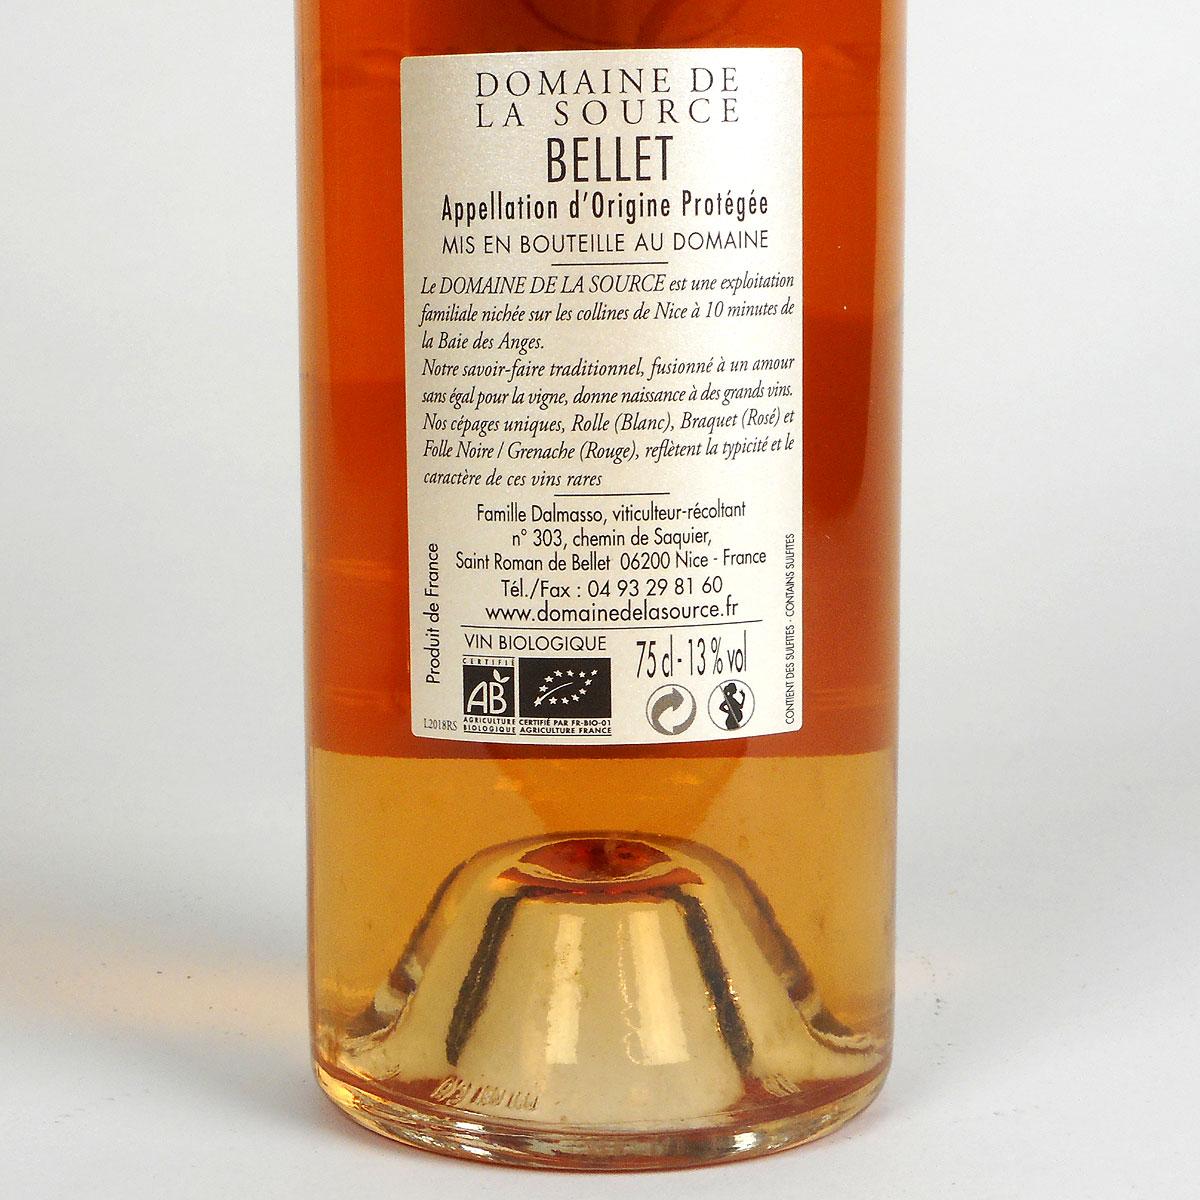 Bellet: Domaine de la Source Rosé 2018 - Bottle Rear Label